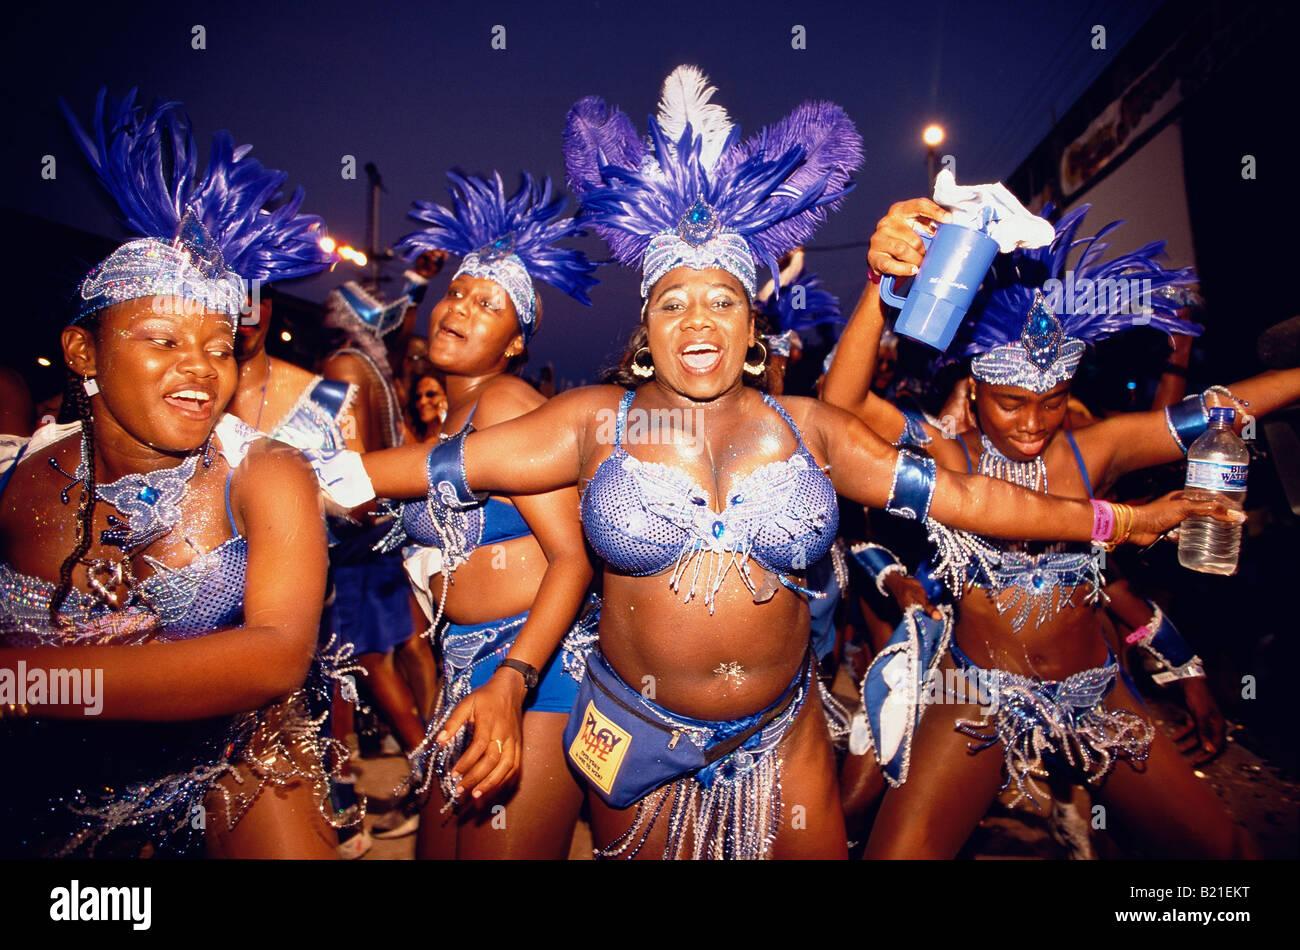 Frauen Im Kostum Tanzen An Fasching Karneval Port Of Spain Trinidad